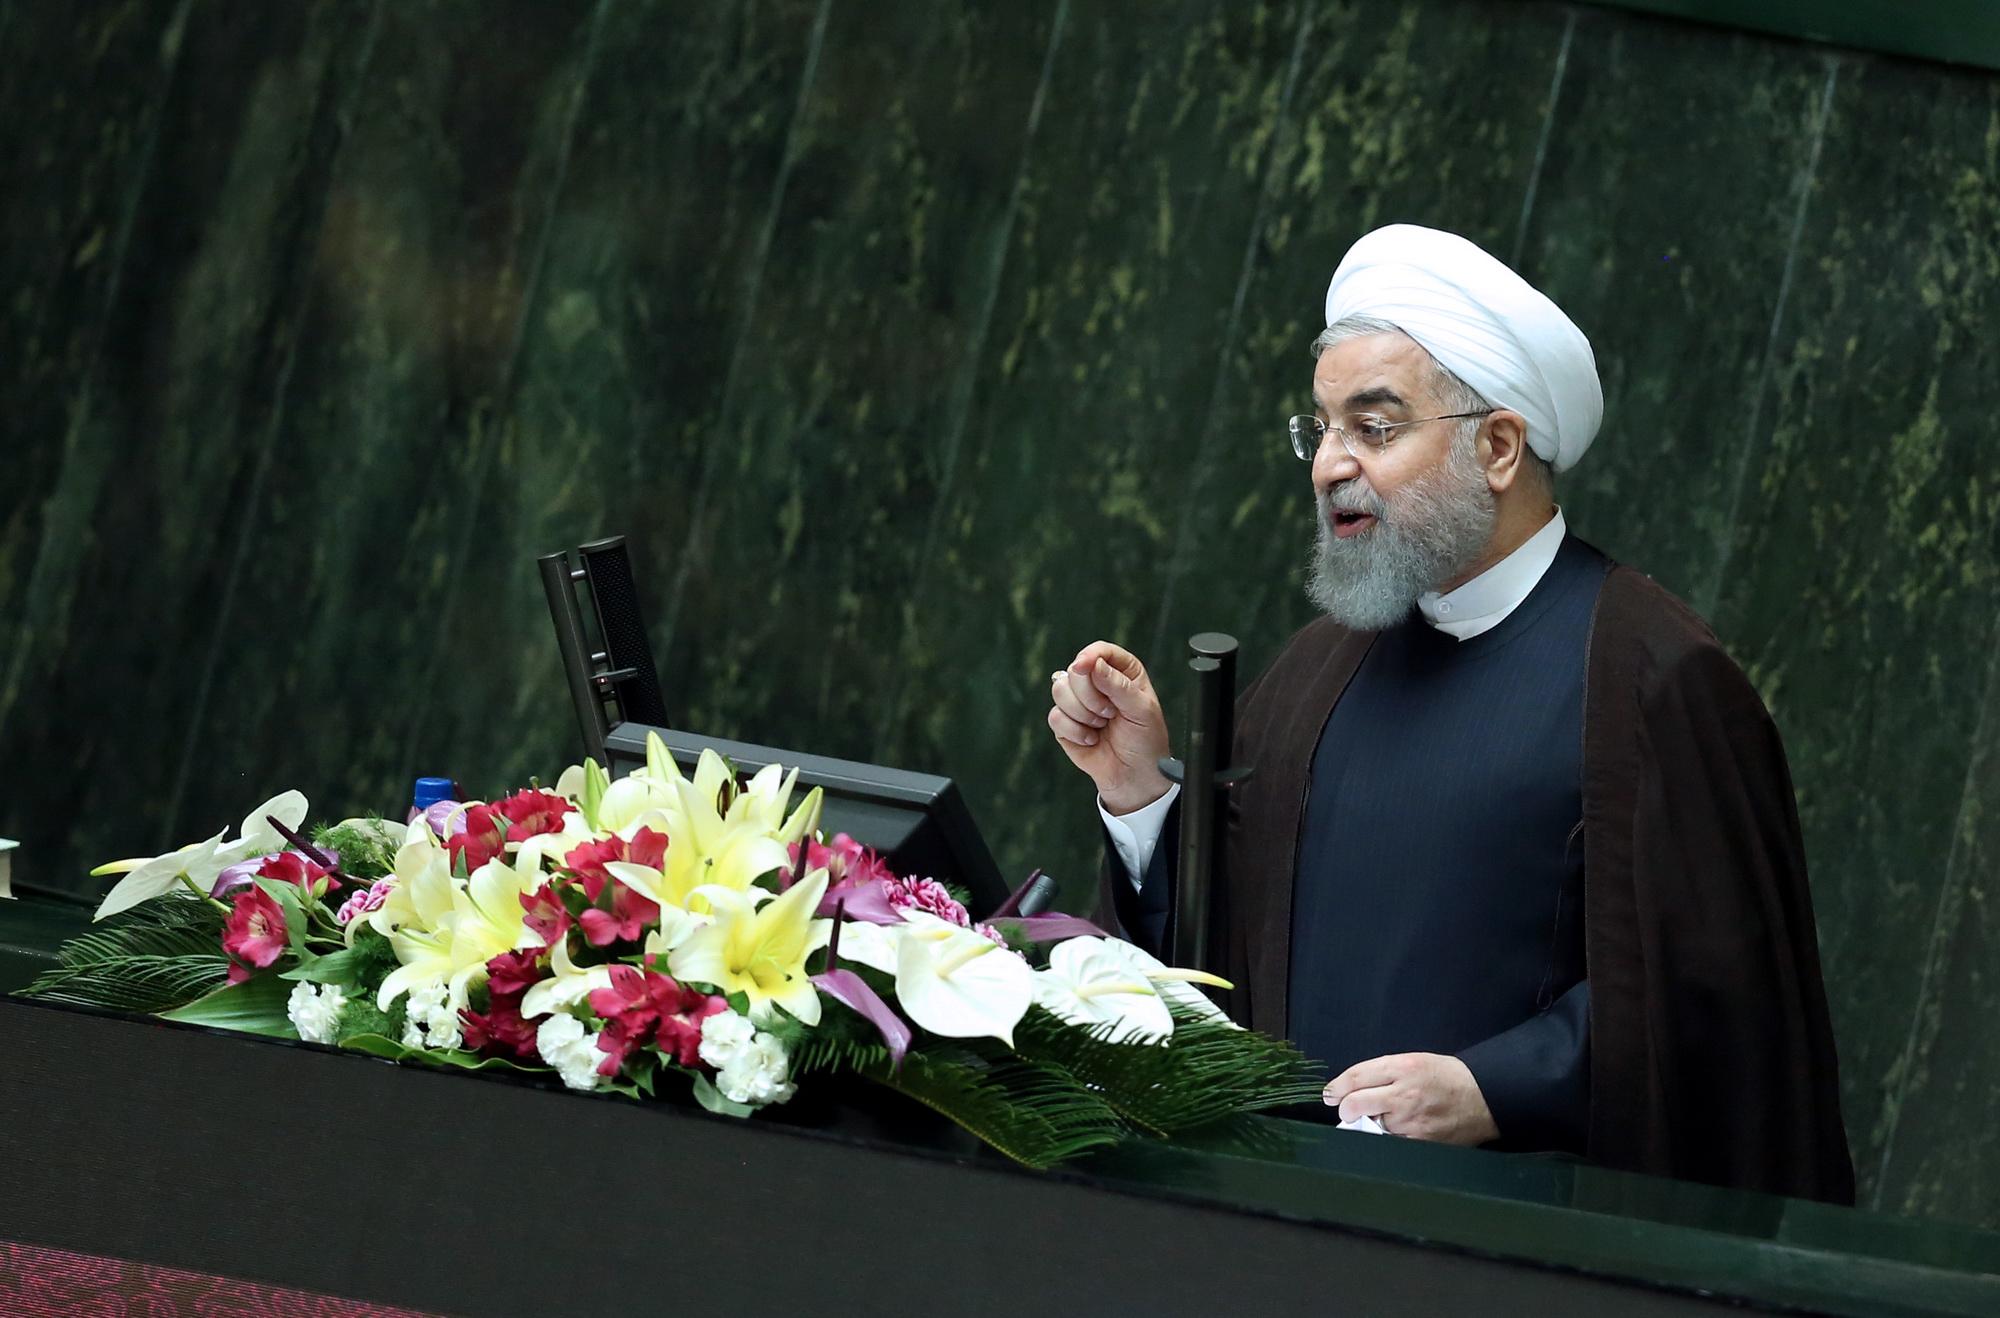 طرح جدید سوال از رئیس جمهور کلید خورد/ روحانی باید بعد از تعطیلات سال نو برای پاسخگویی به مجلس بیاید